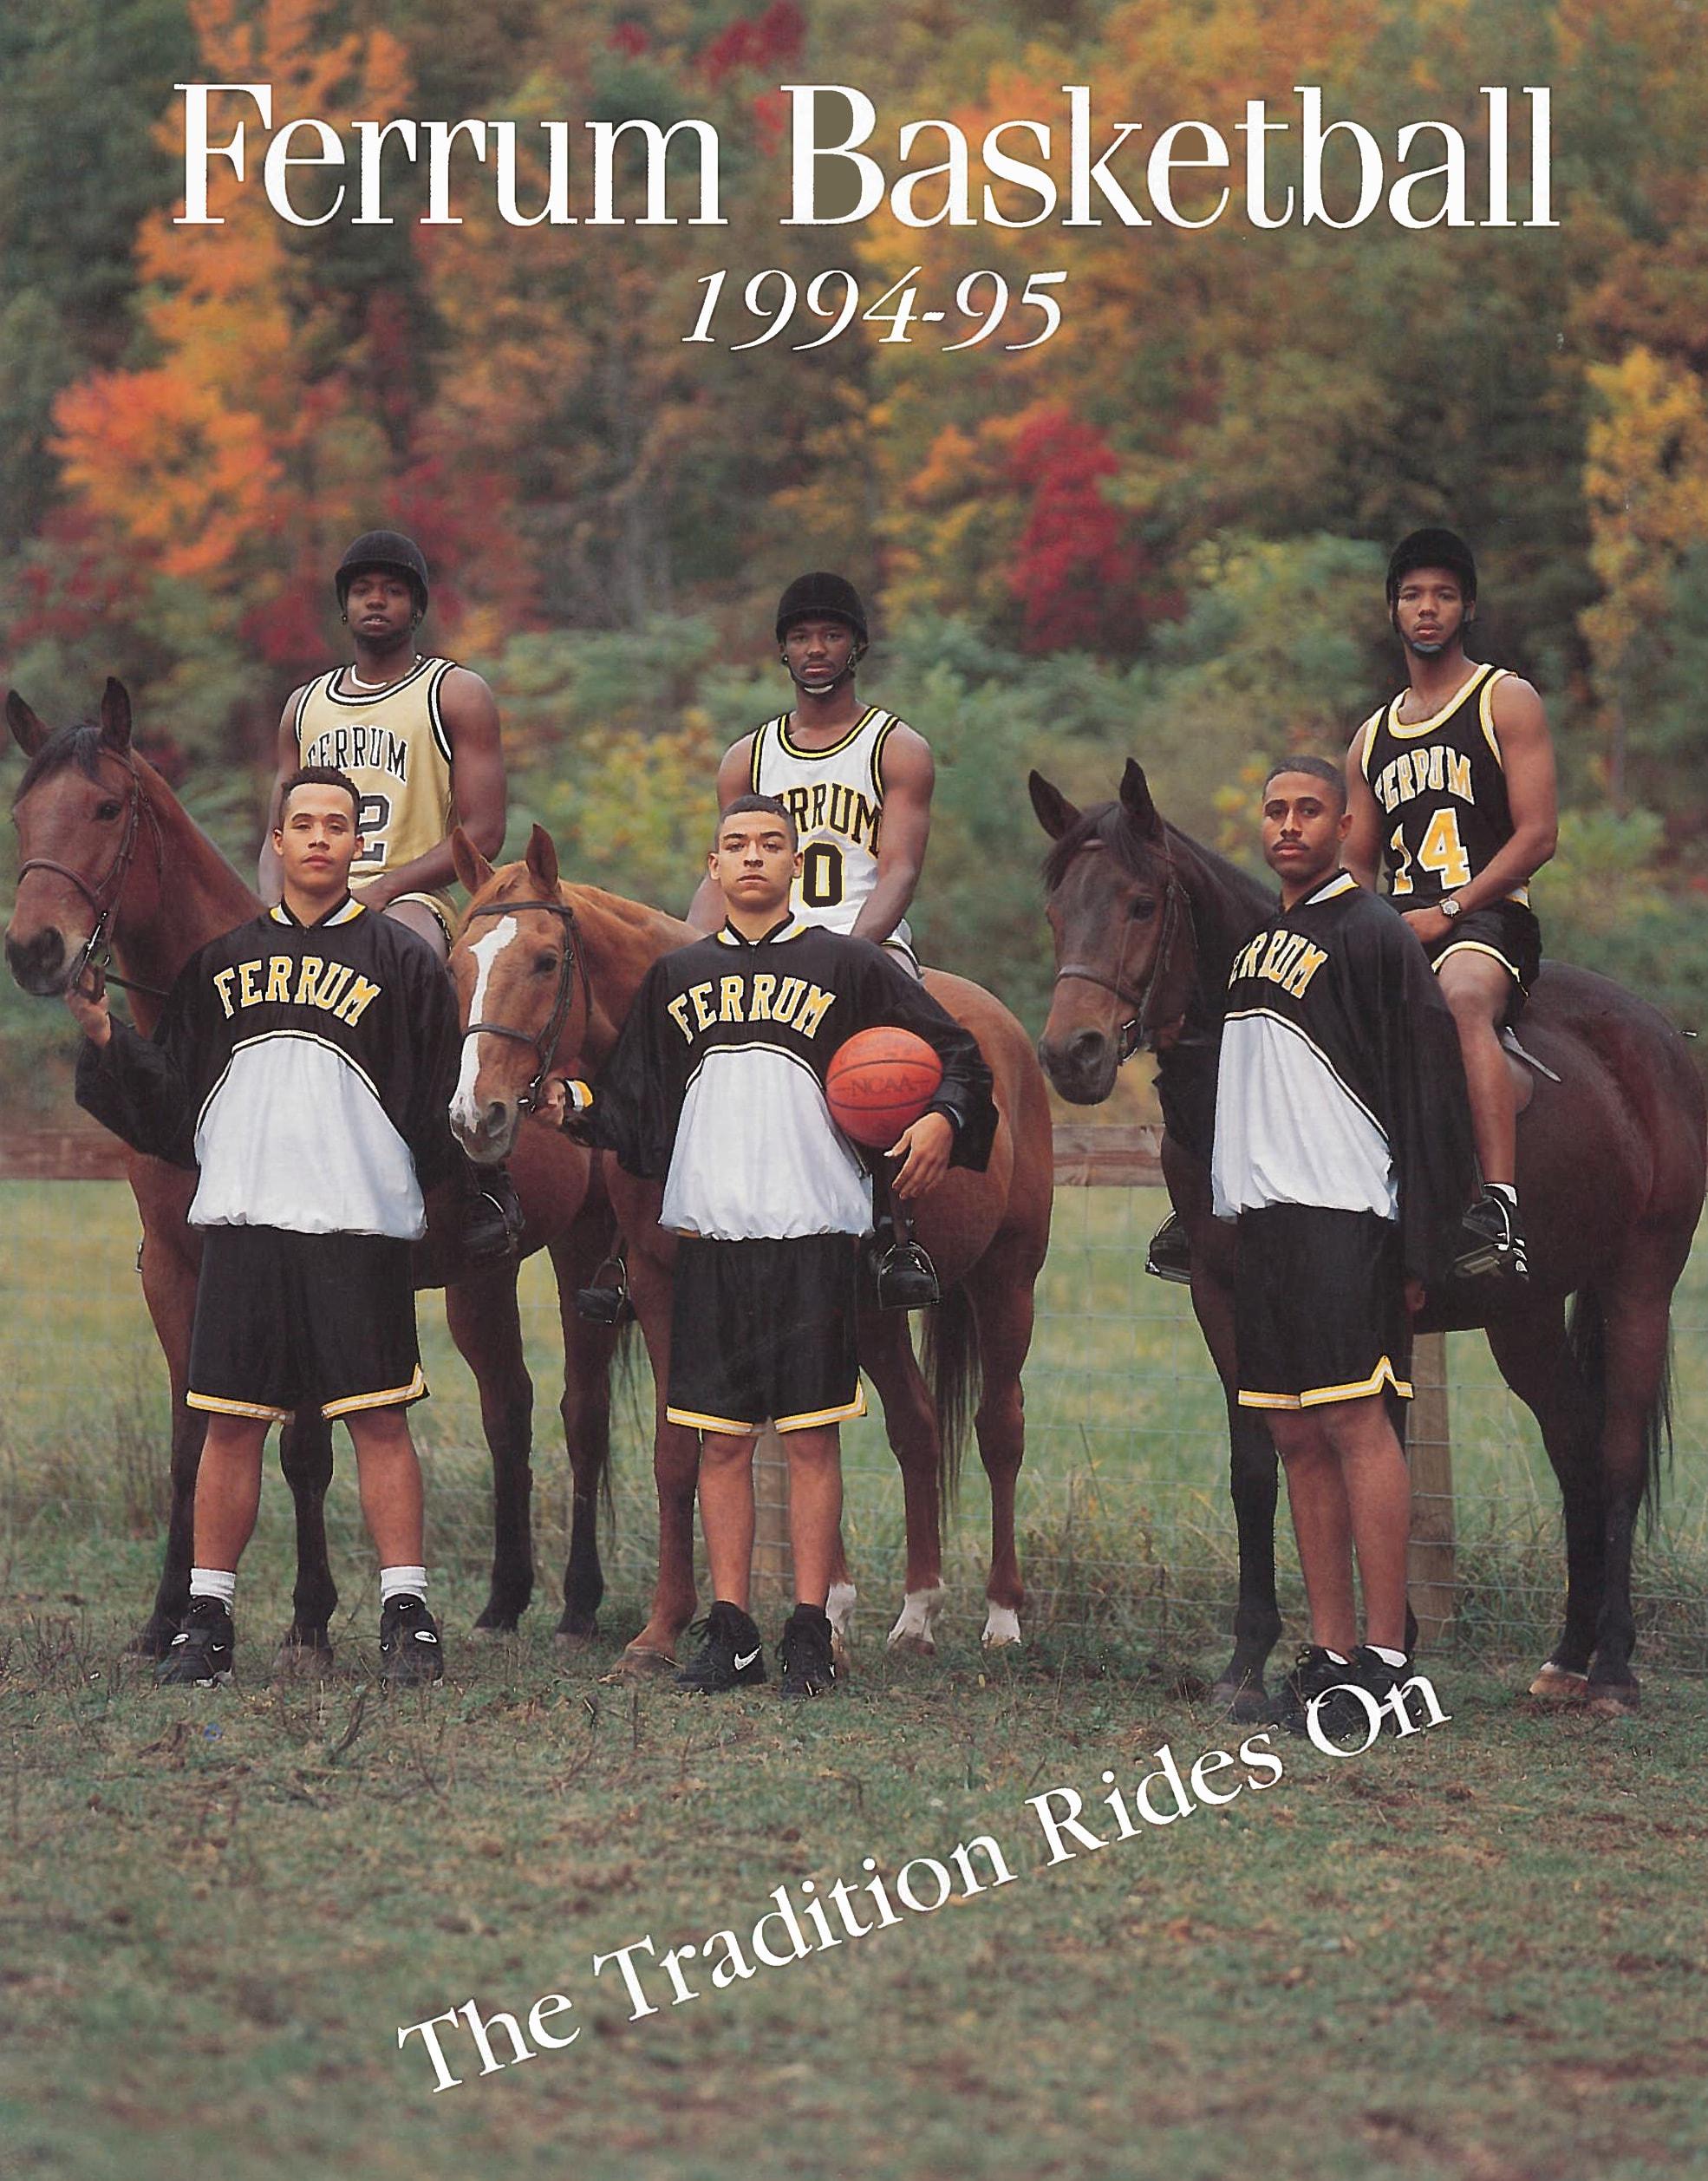 Ferrum Panthers Men's Basketball Program 94-95